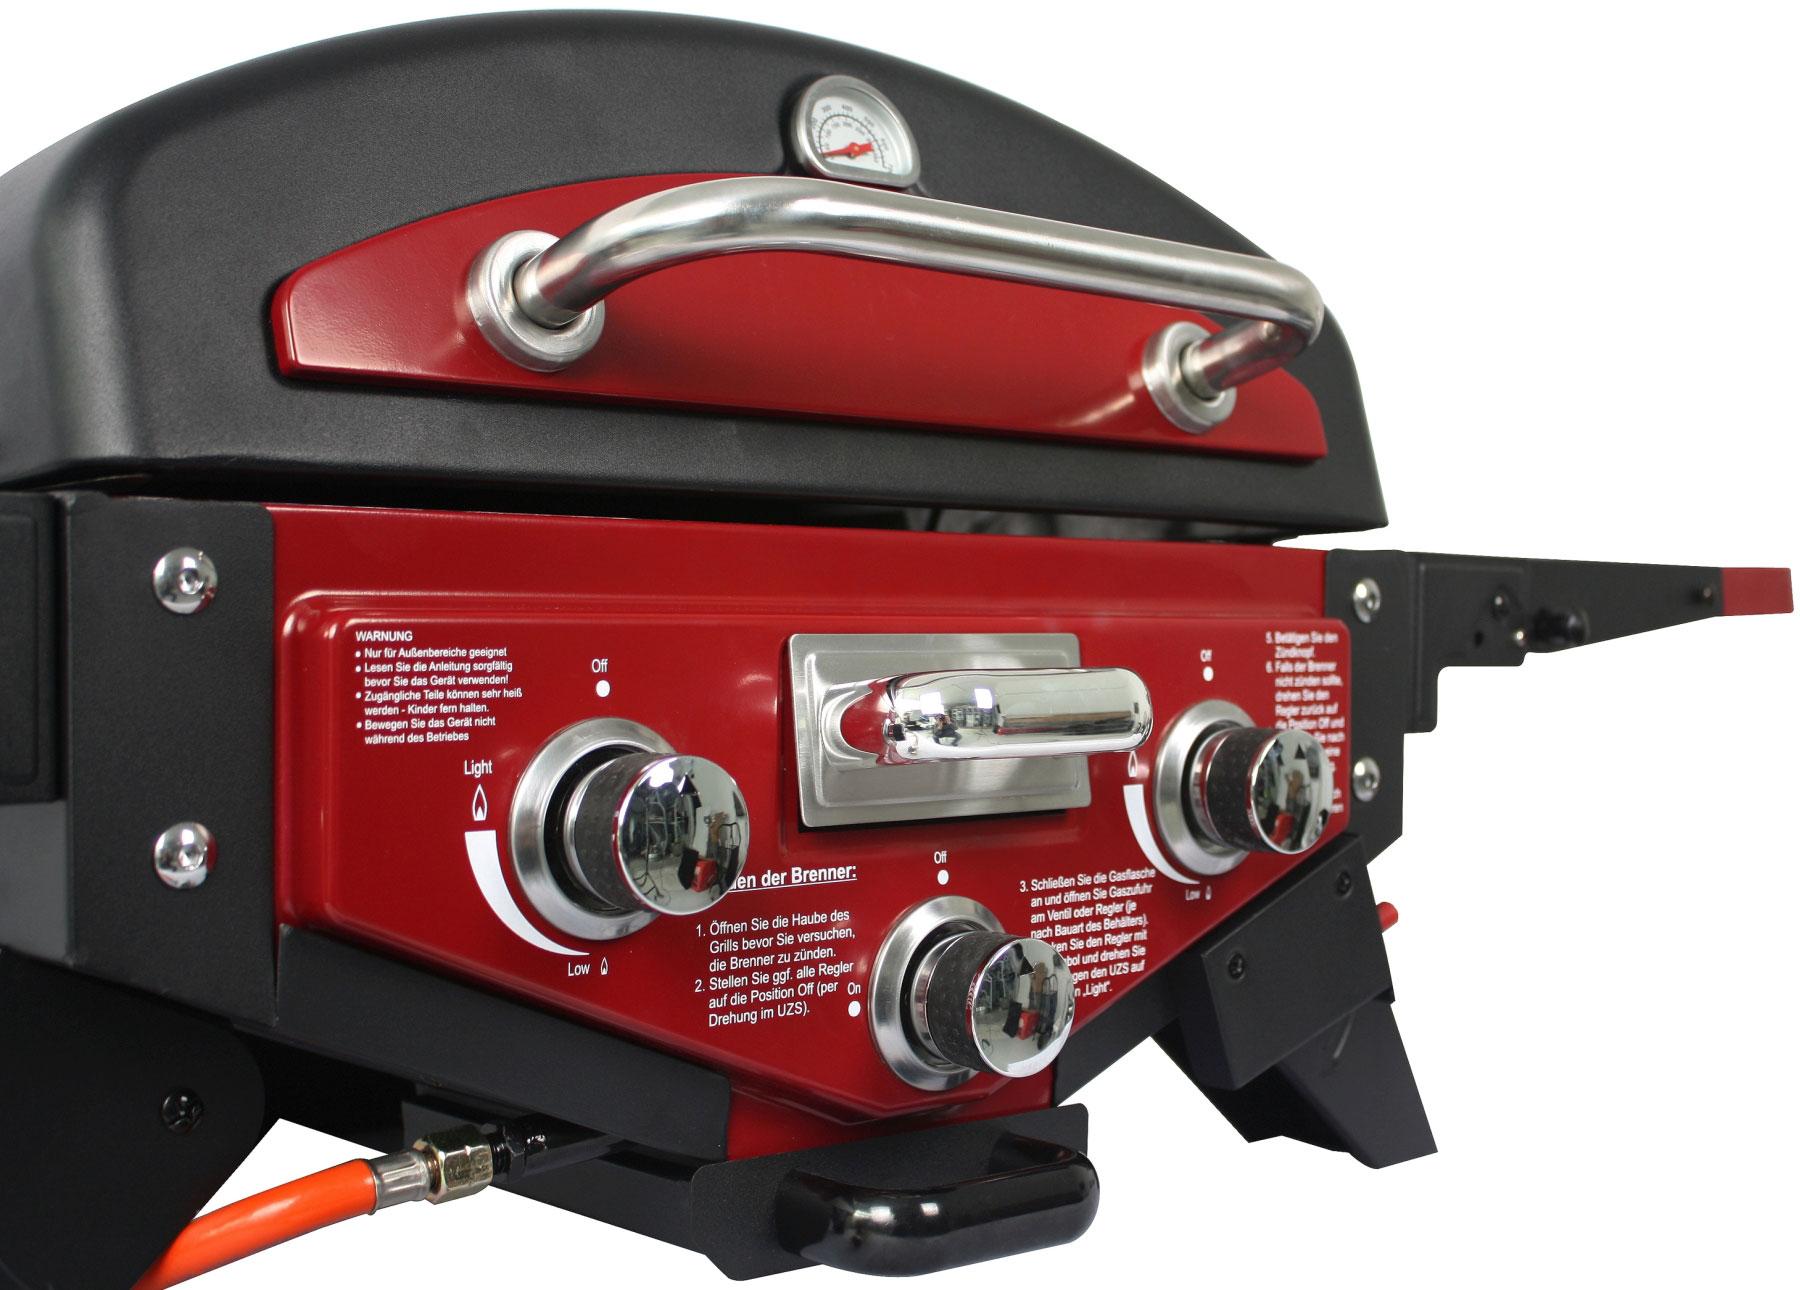 El Fuego Gasgrill / Tischgrill Medison rot Grillfläche 49x33,5cm Bild 5